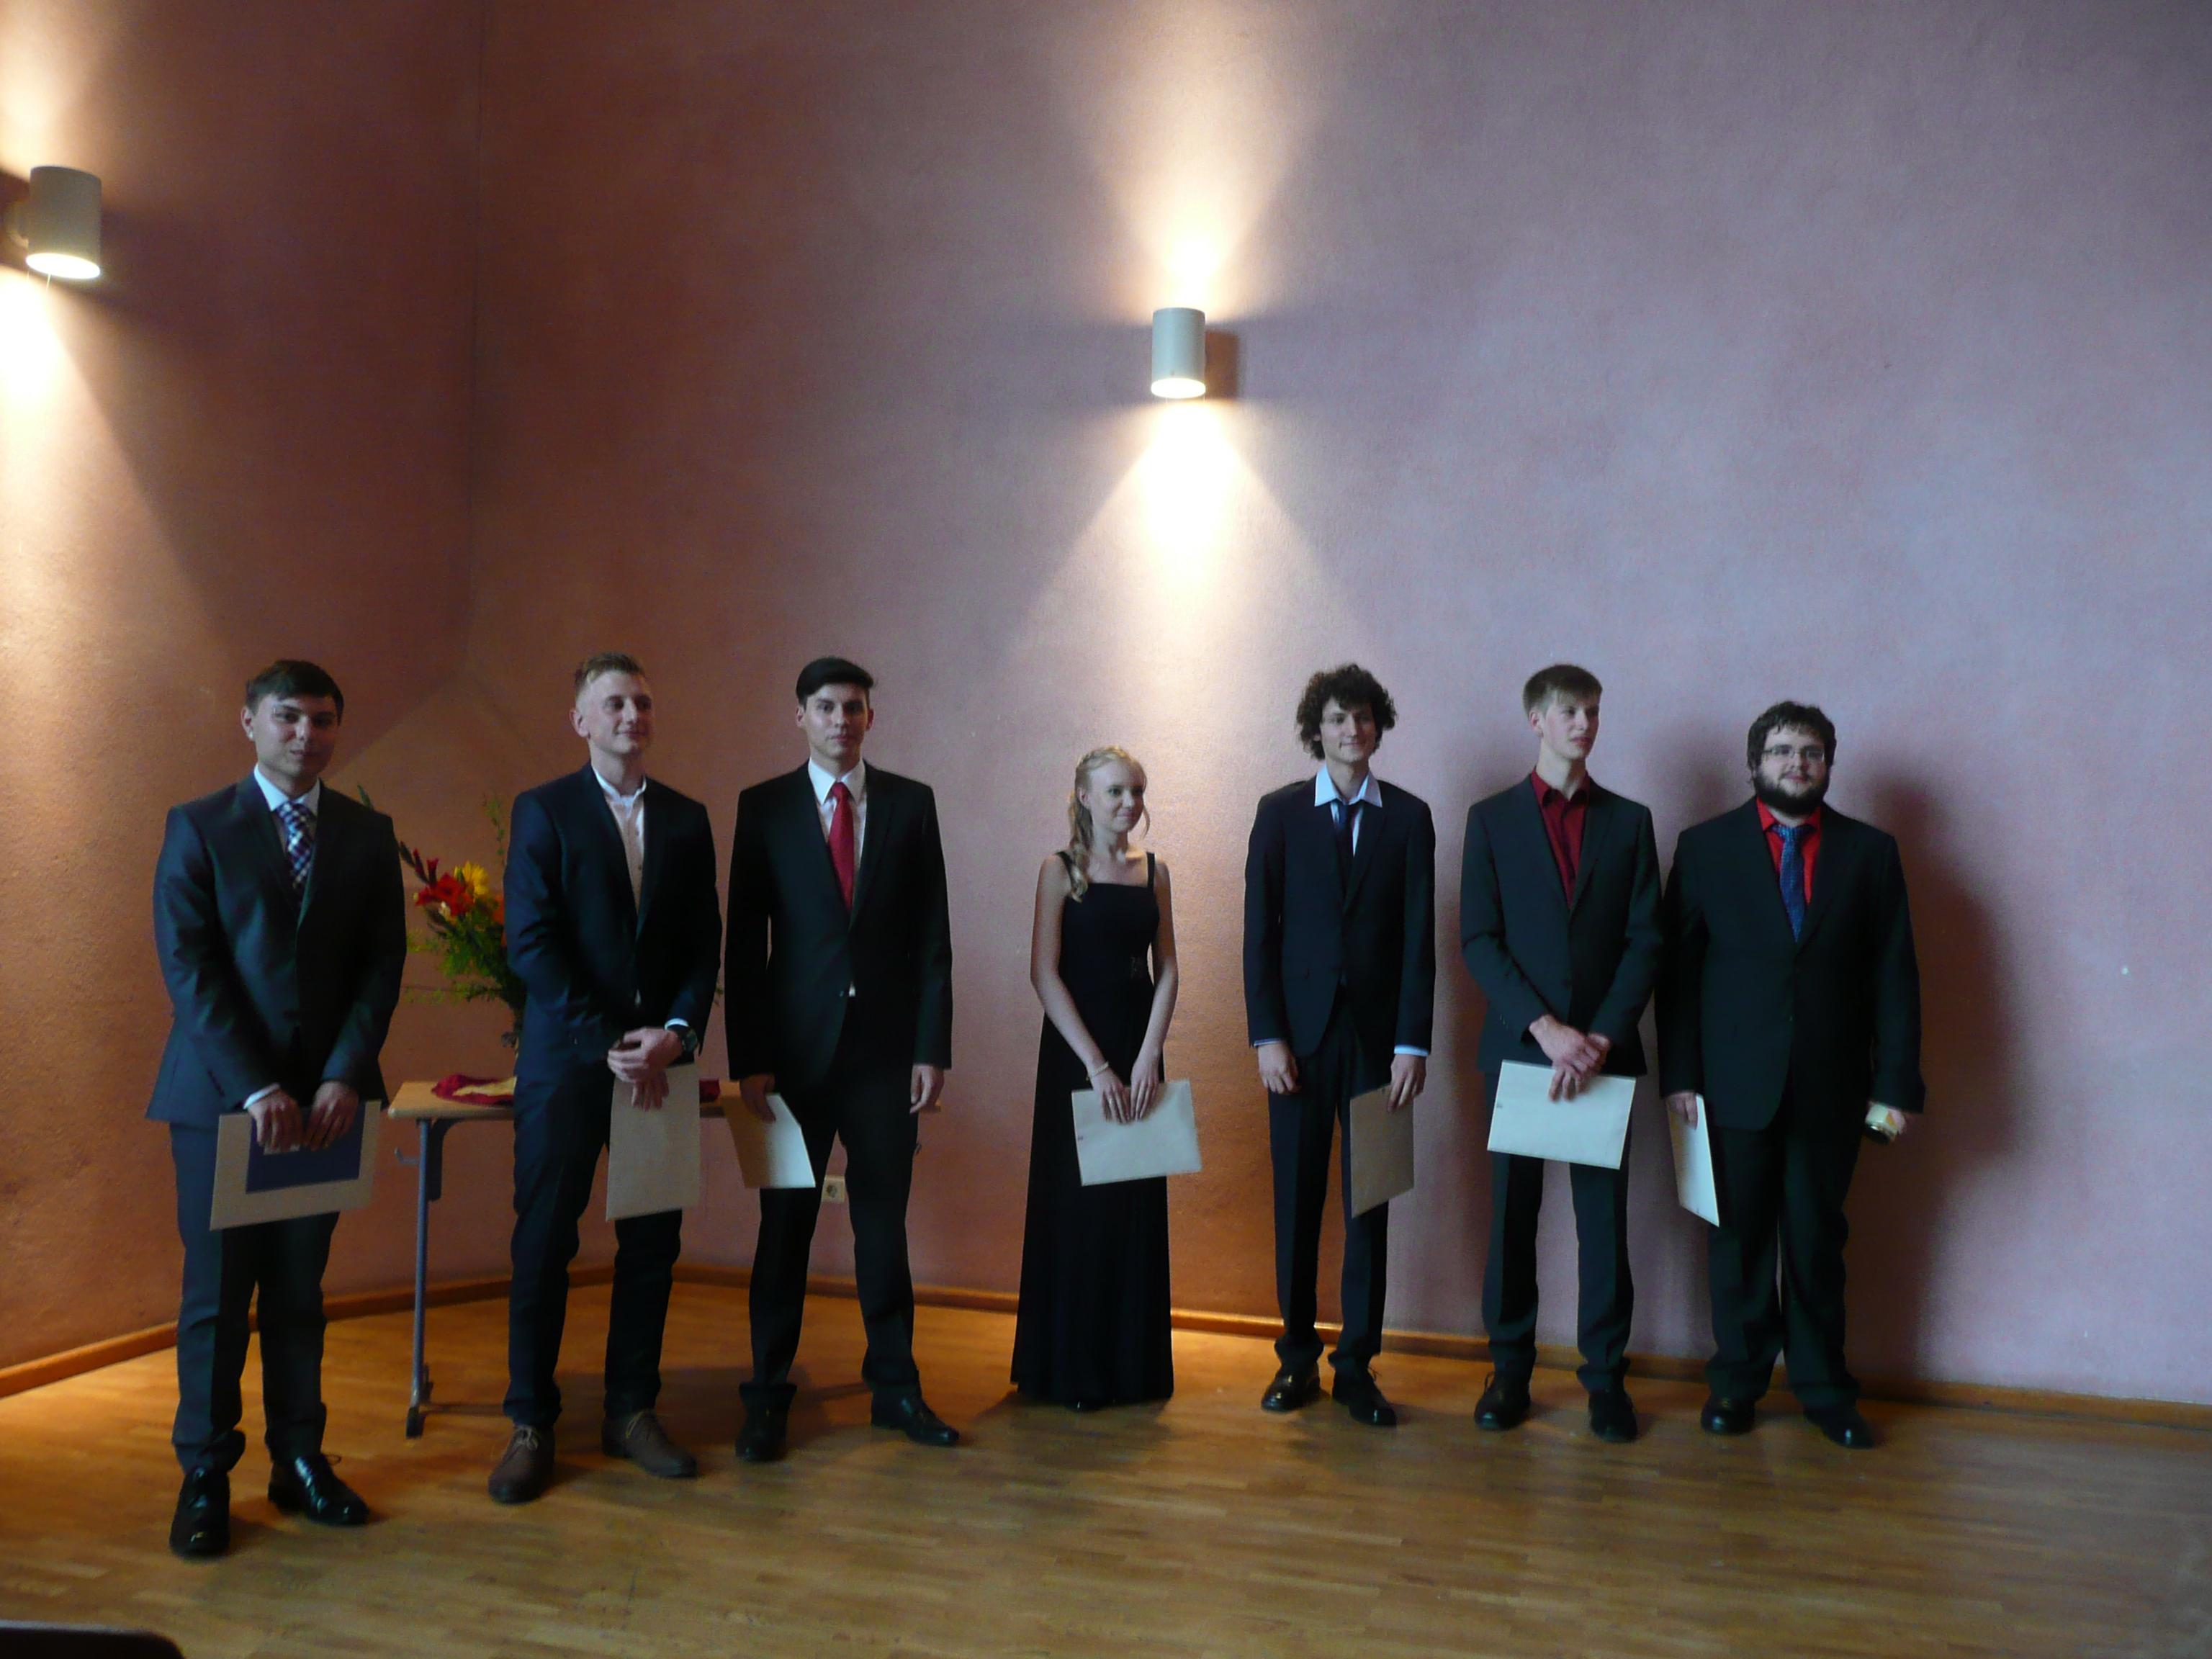 von li nach re: Julius Strey, Tobias Lindner, Simon Reineke, Laura Binoth, Christian Schröck, Hannes Gabelmann, Sören Kannegieser